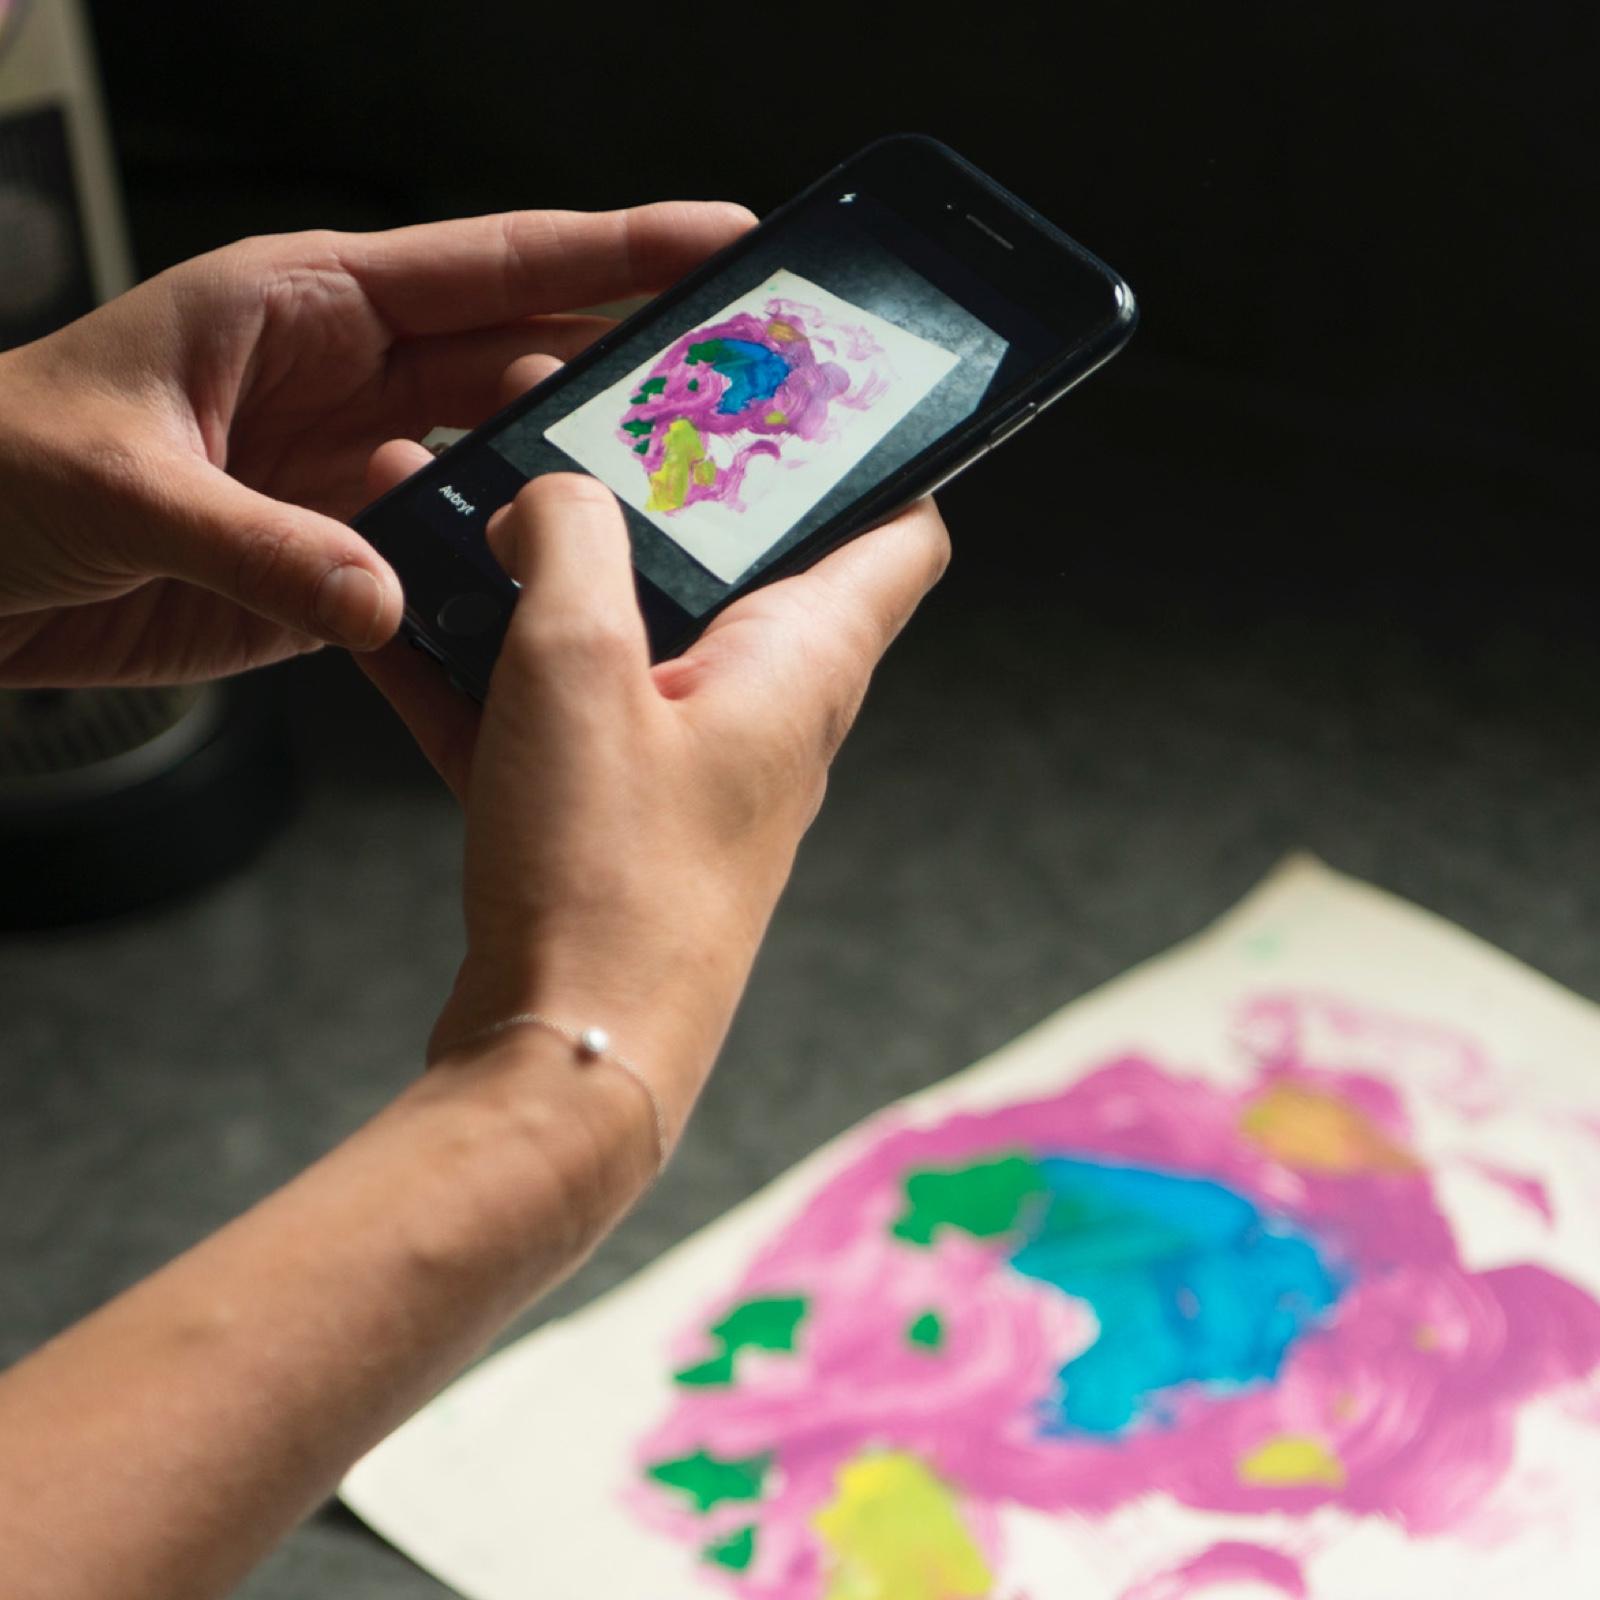 doodlespot - Your kids damn near Picassos